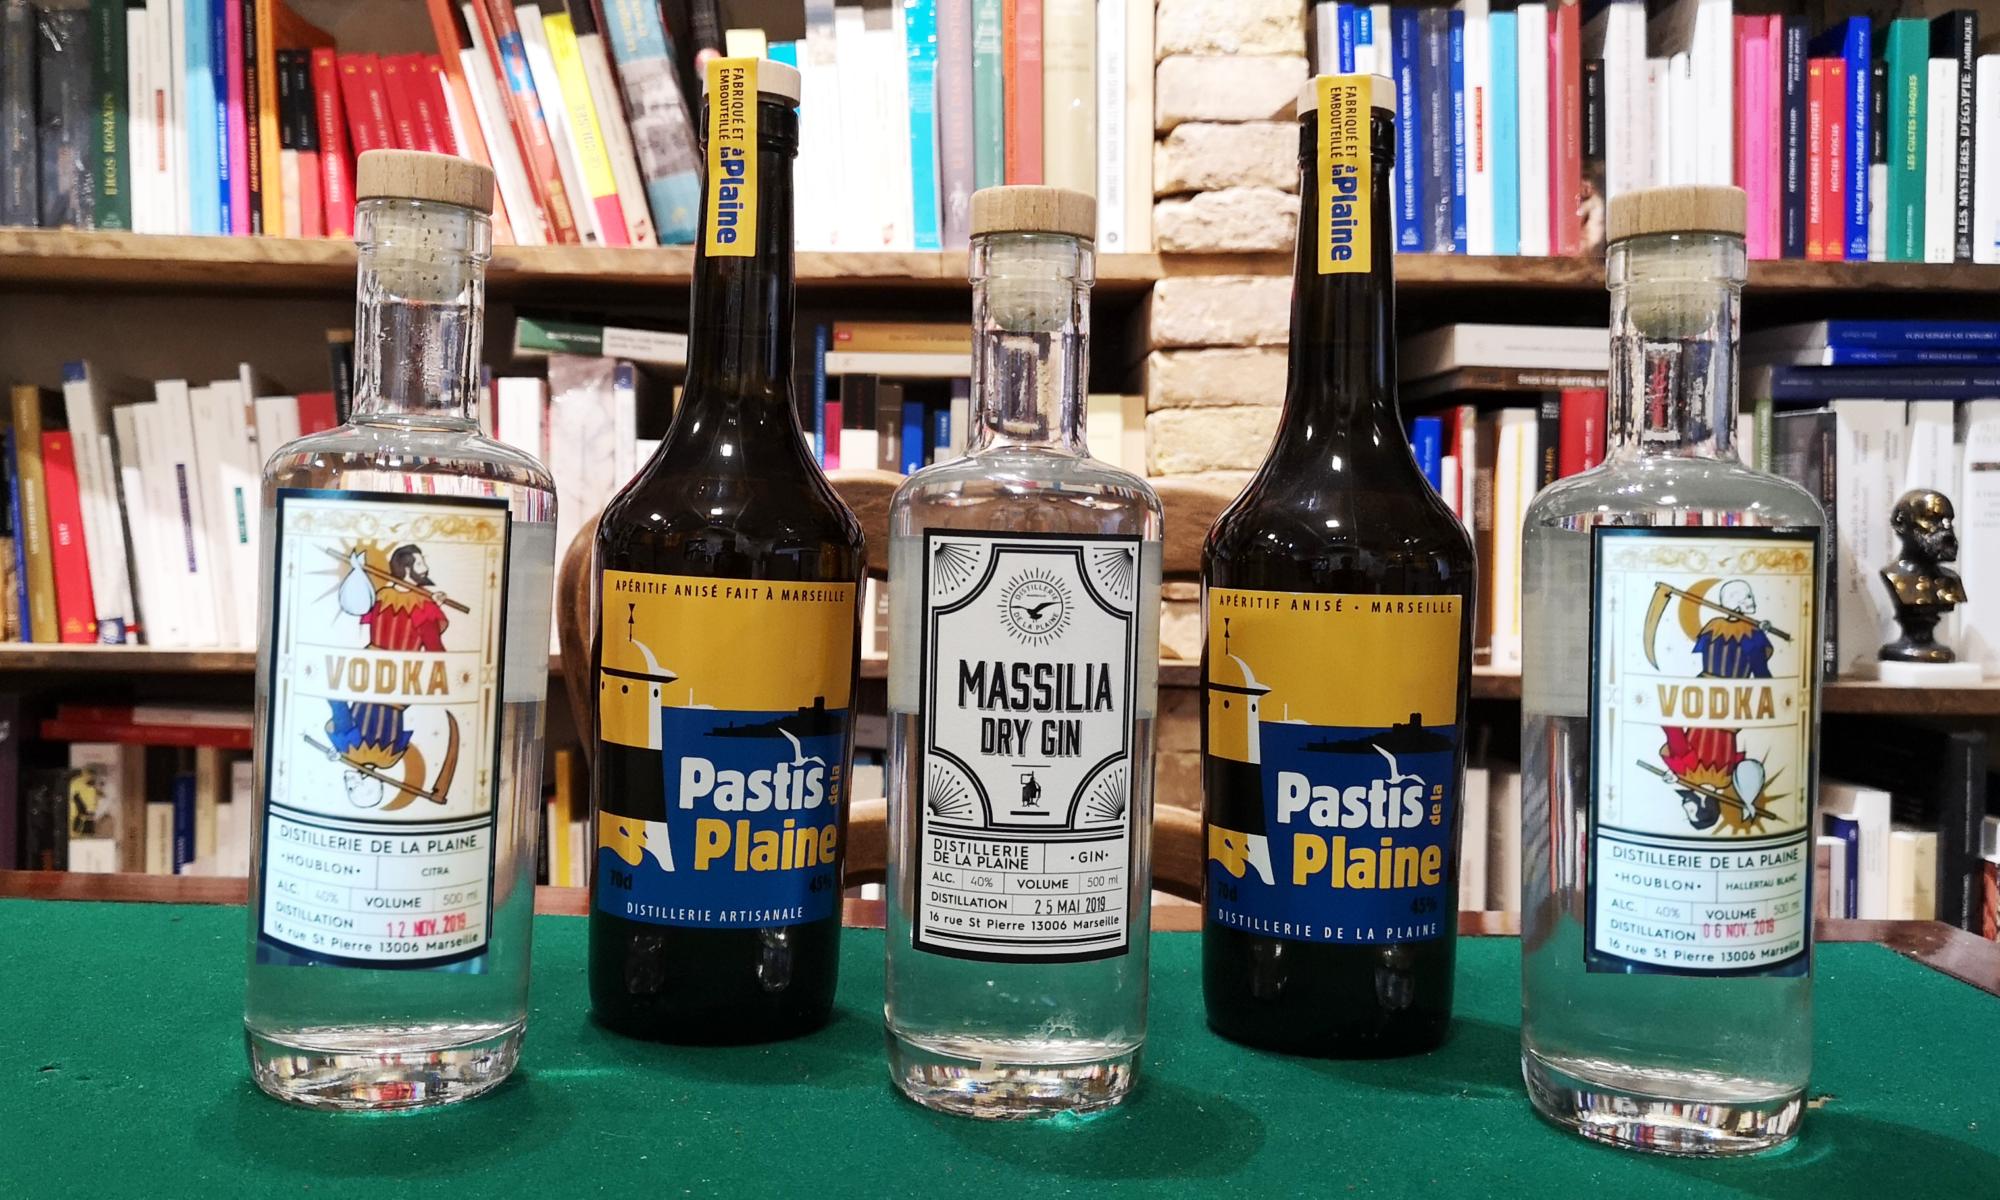 Dégustation de gin pastis vodka artisanaux de Marseille